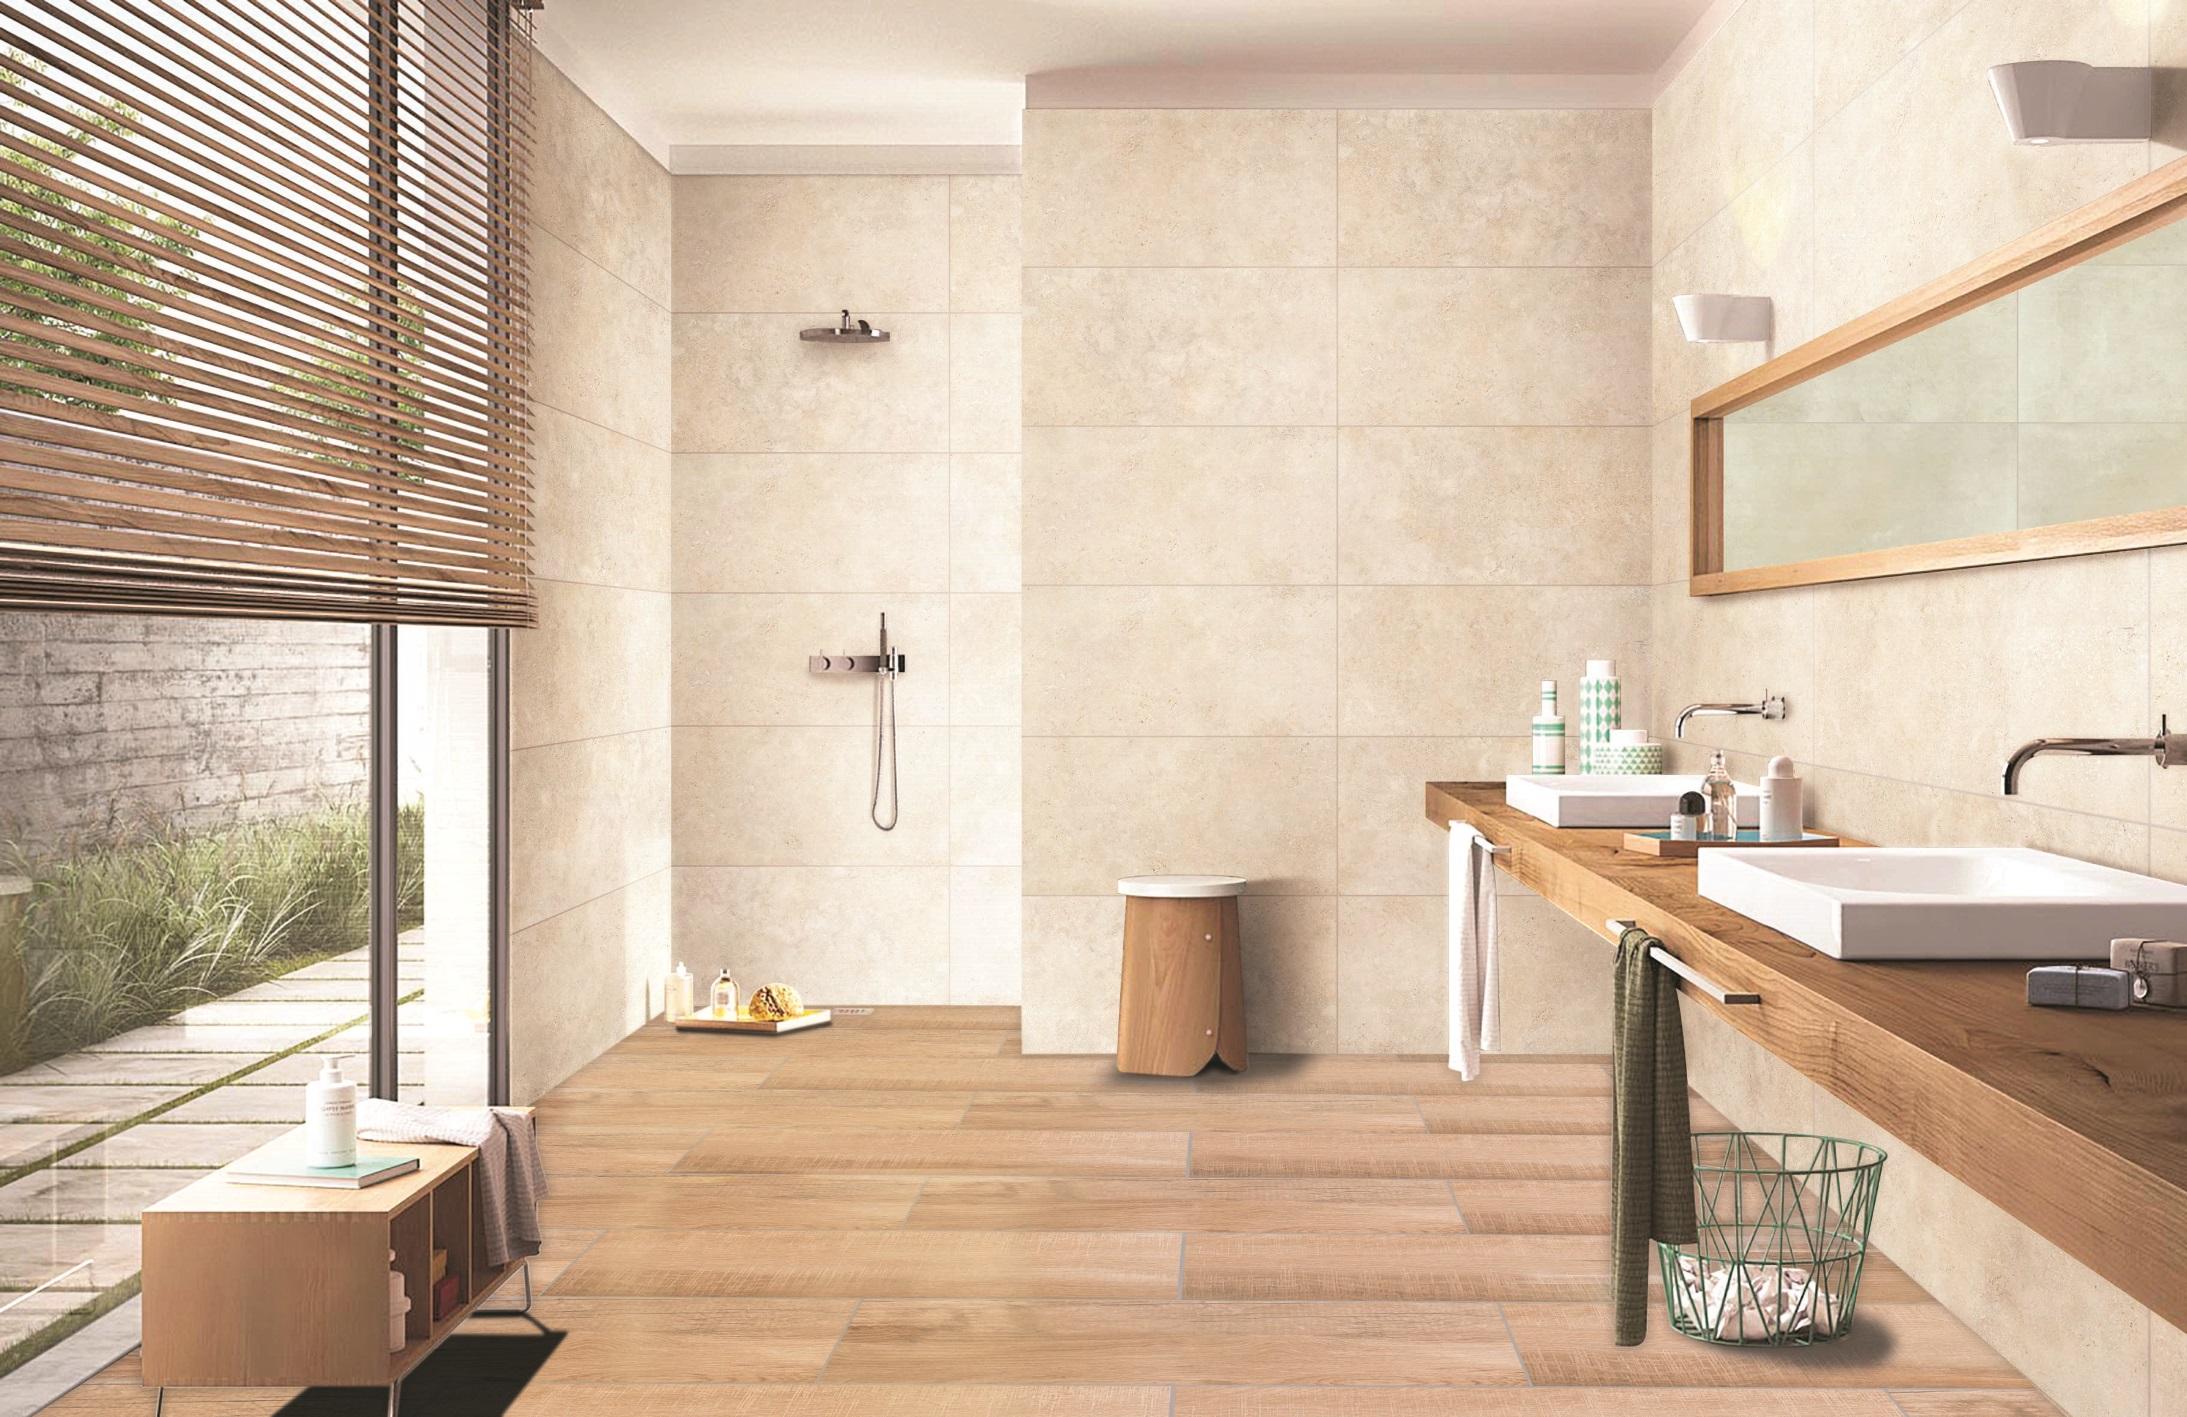 Full Size of Dusche Ebenerdig Wellnessbad So Gestalten Sie Ihr Luxus Badezimmer Obi Barrierefreie Antirutschmatte Fliesen Kaufen Einhebelmischer Eckeinstieg Nischentür Dusche Dusche Ebenerdig